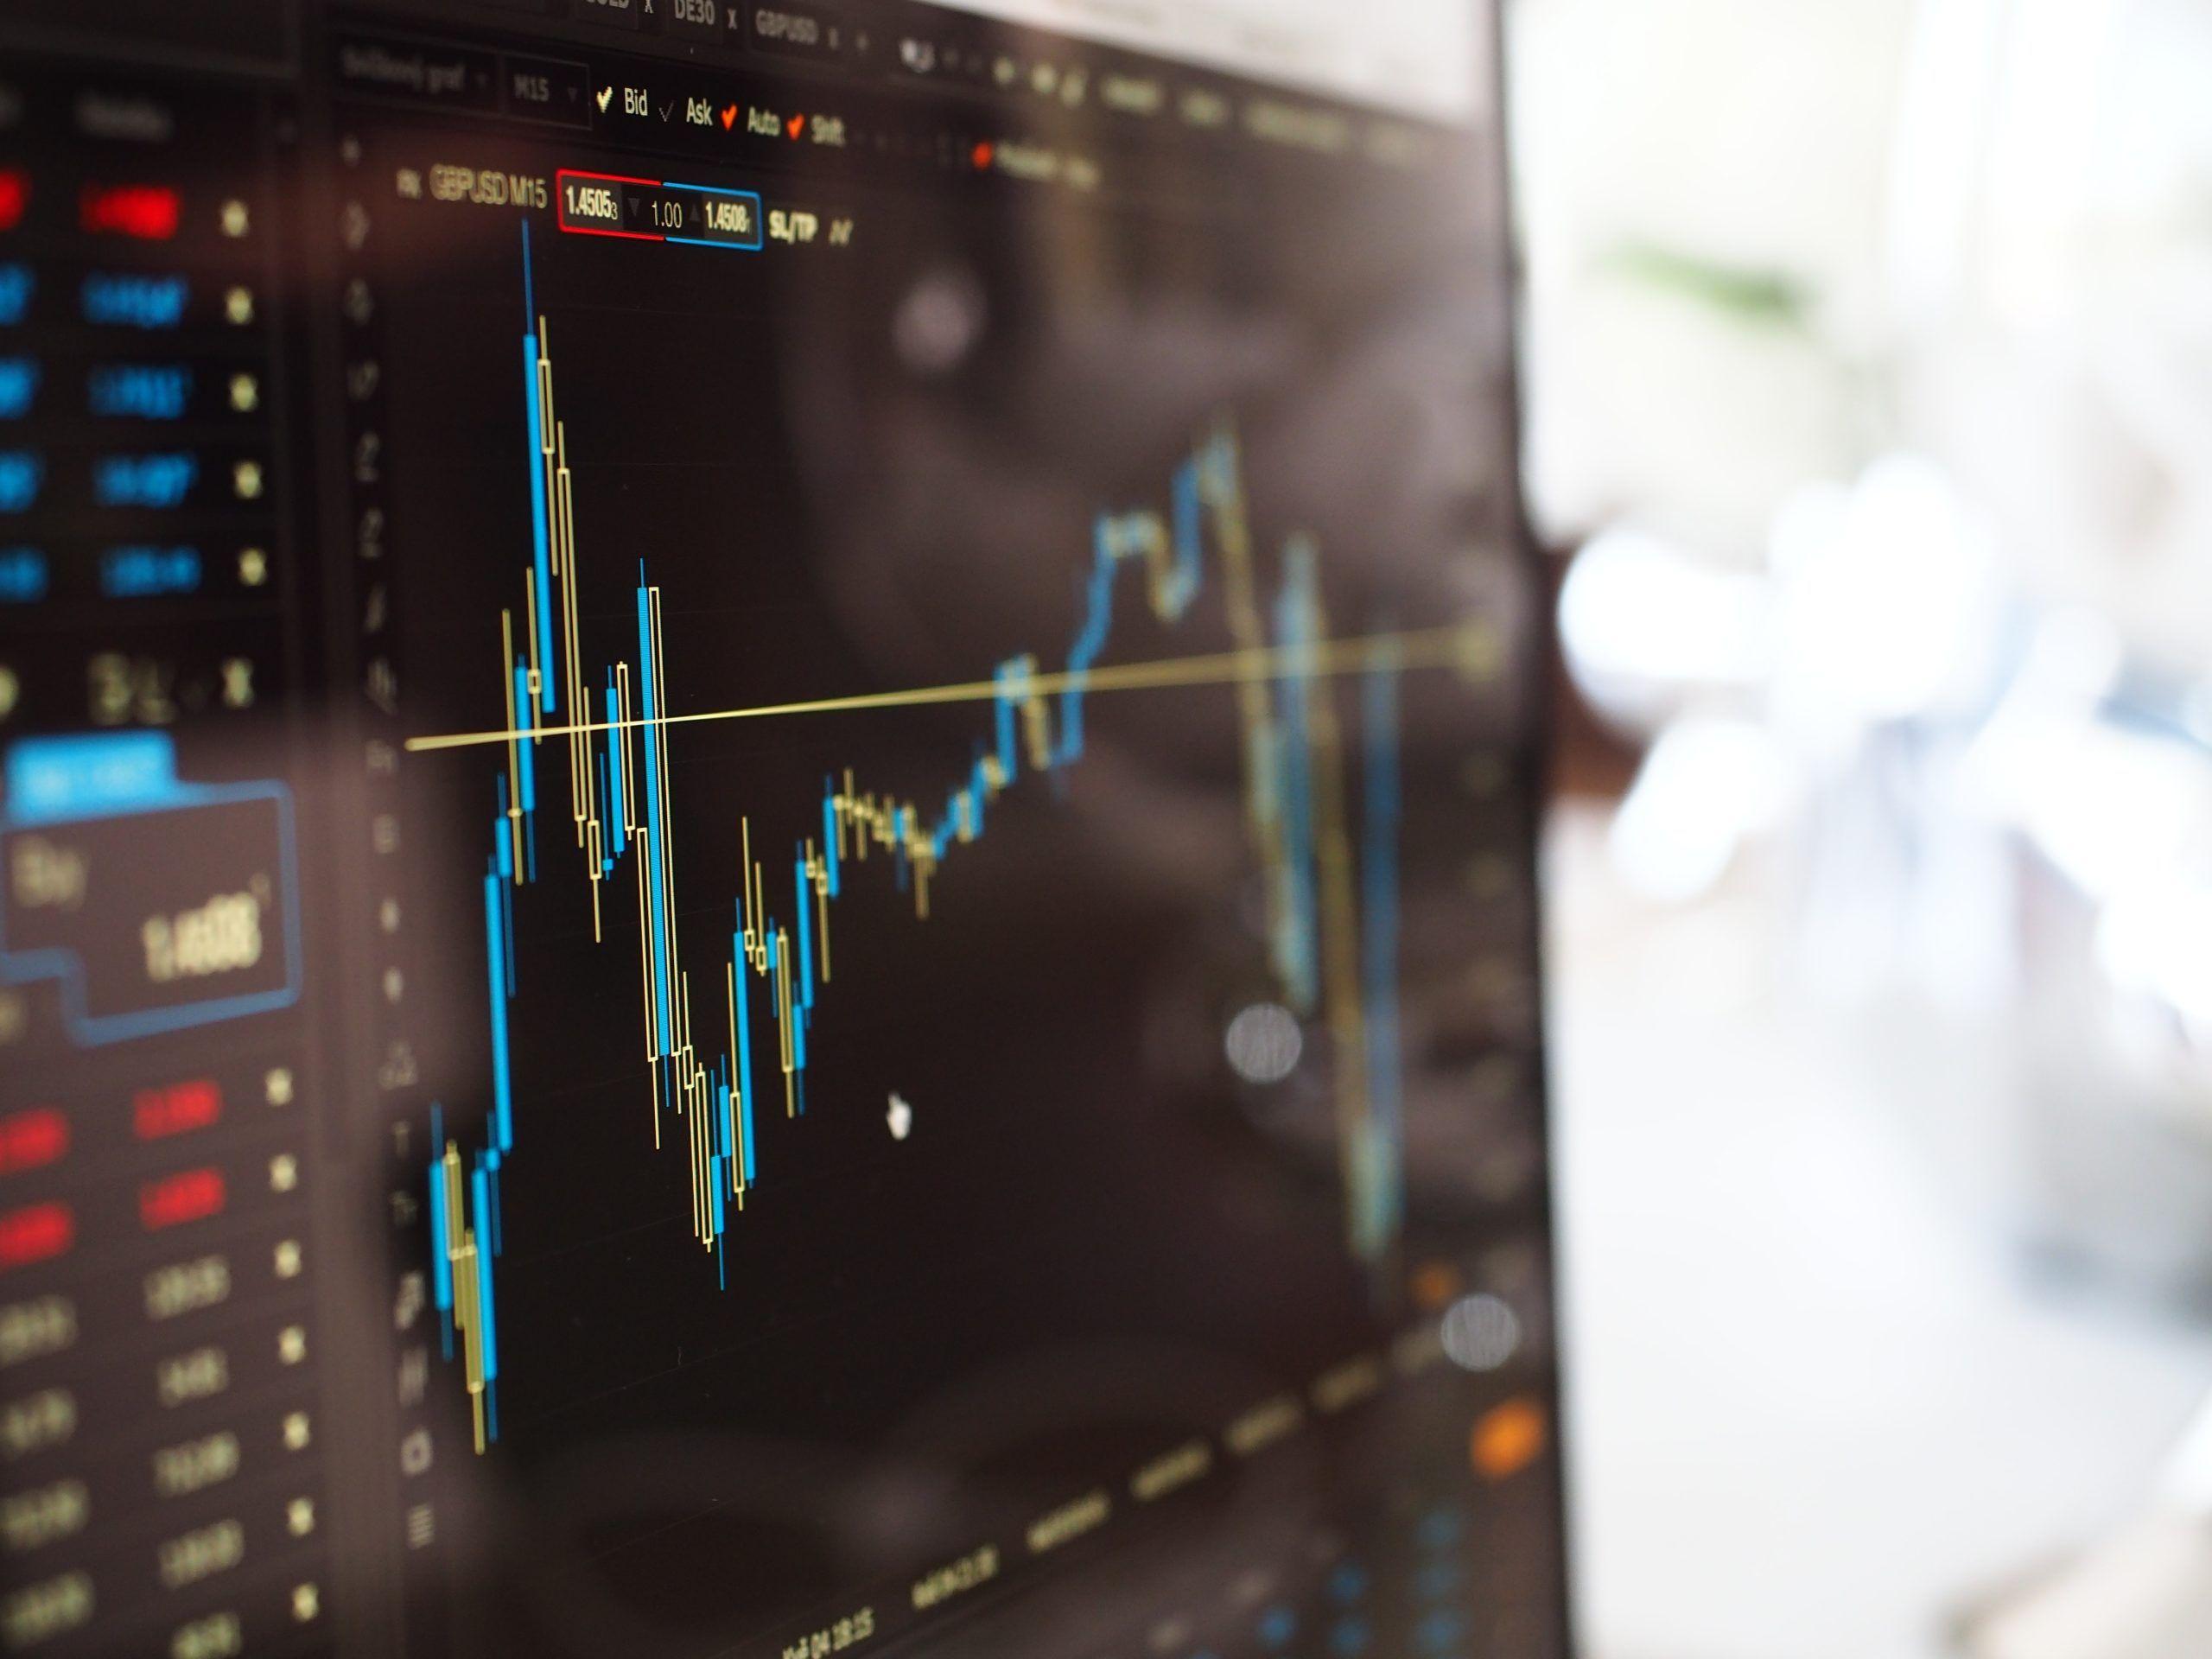 muestra de estadísticas de un software de inversión